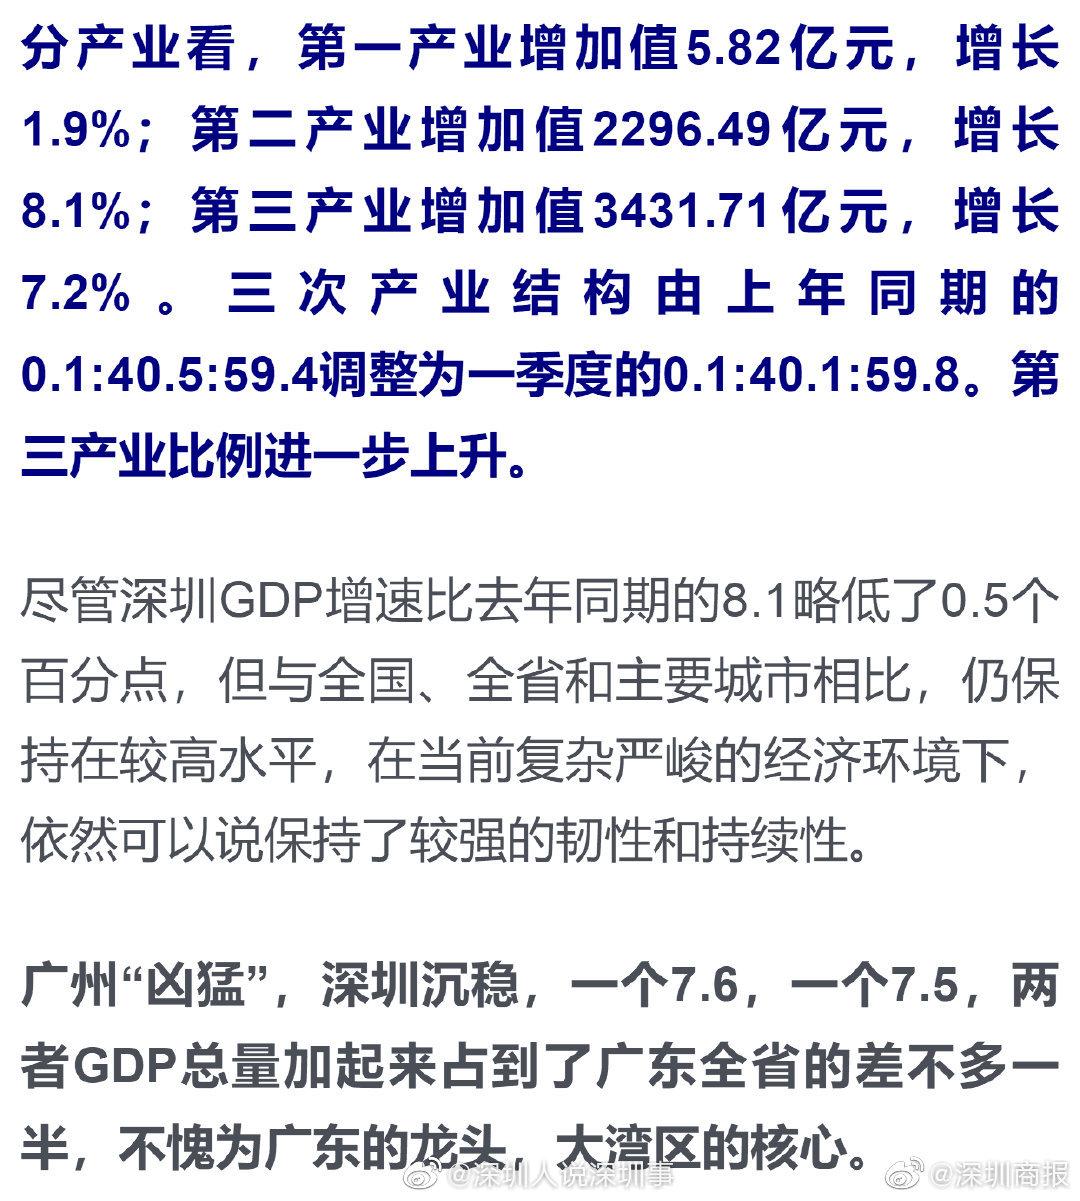 深圳刚刚公布了一季度GDP,广州深圳占了广东